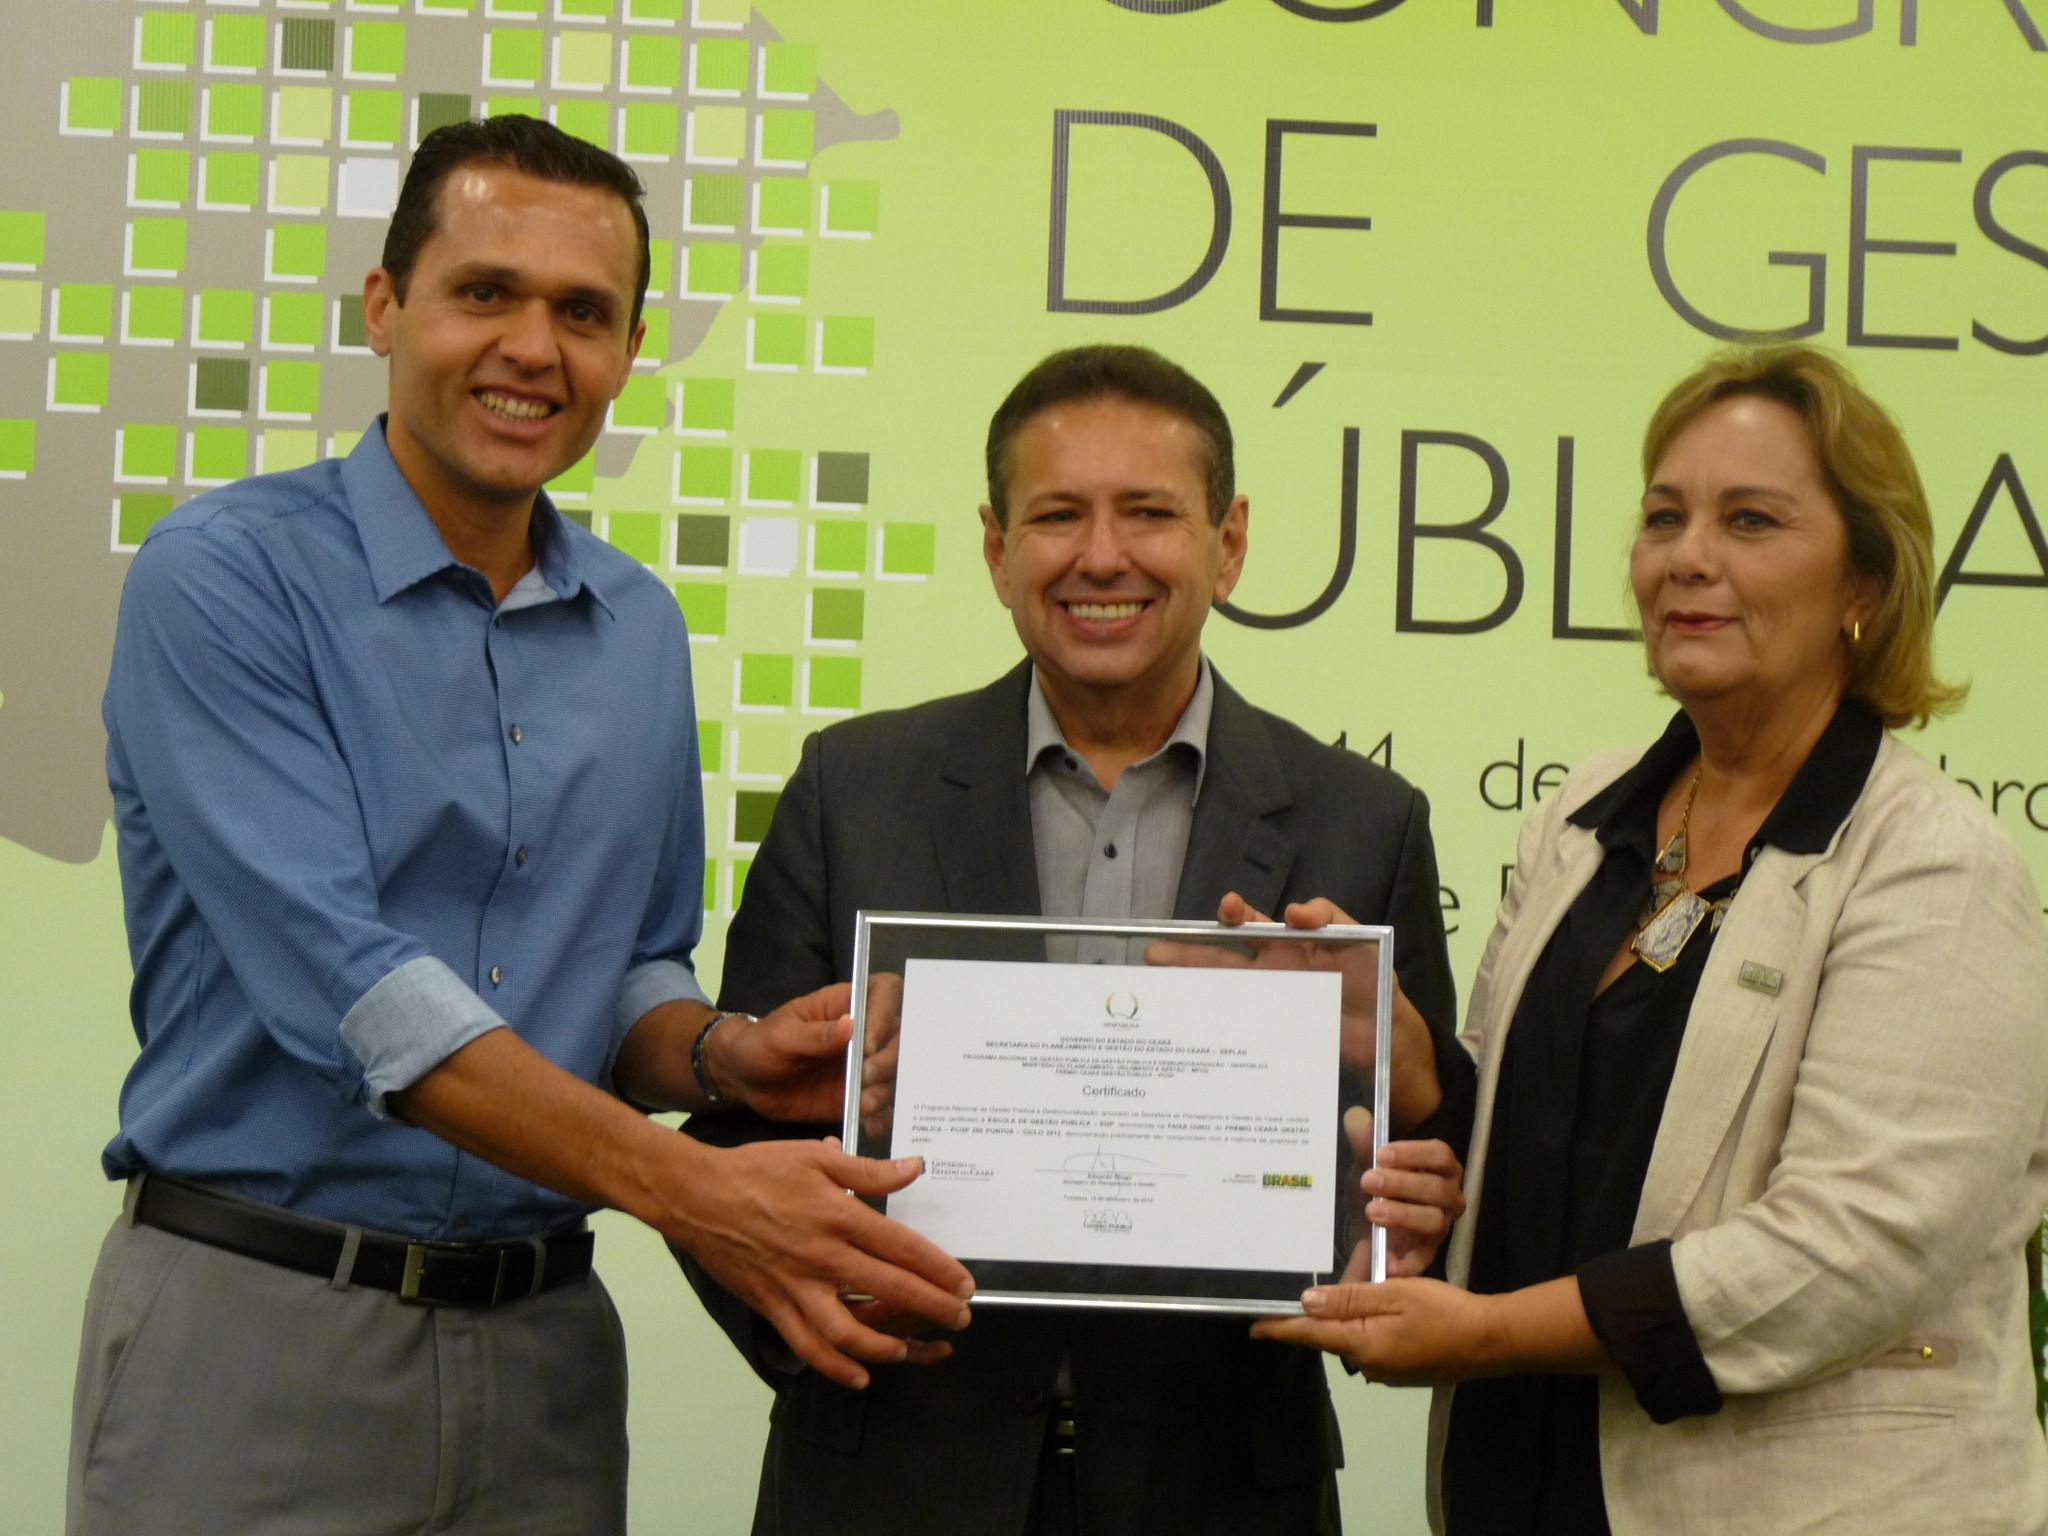 Domingos Filho abre Congresso de Gestão Pública